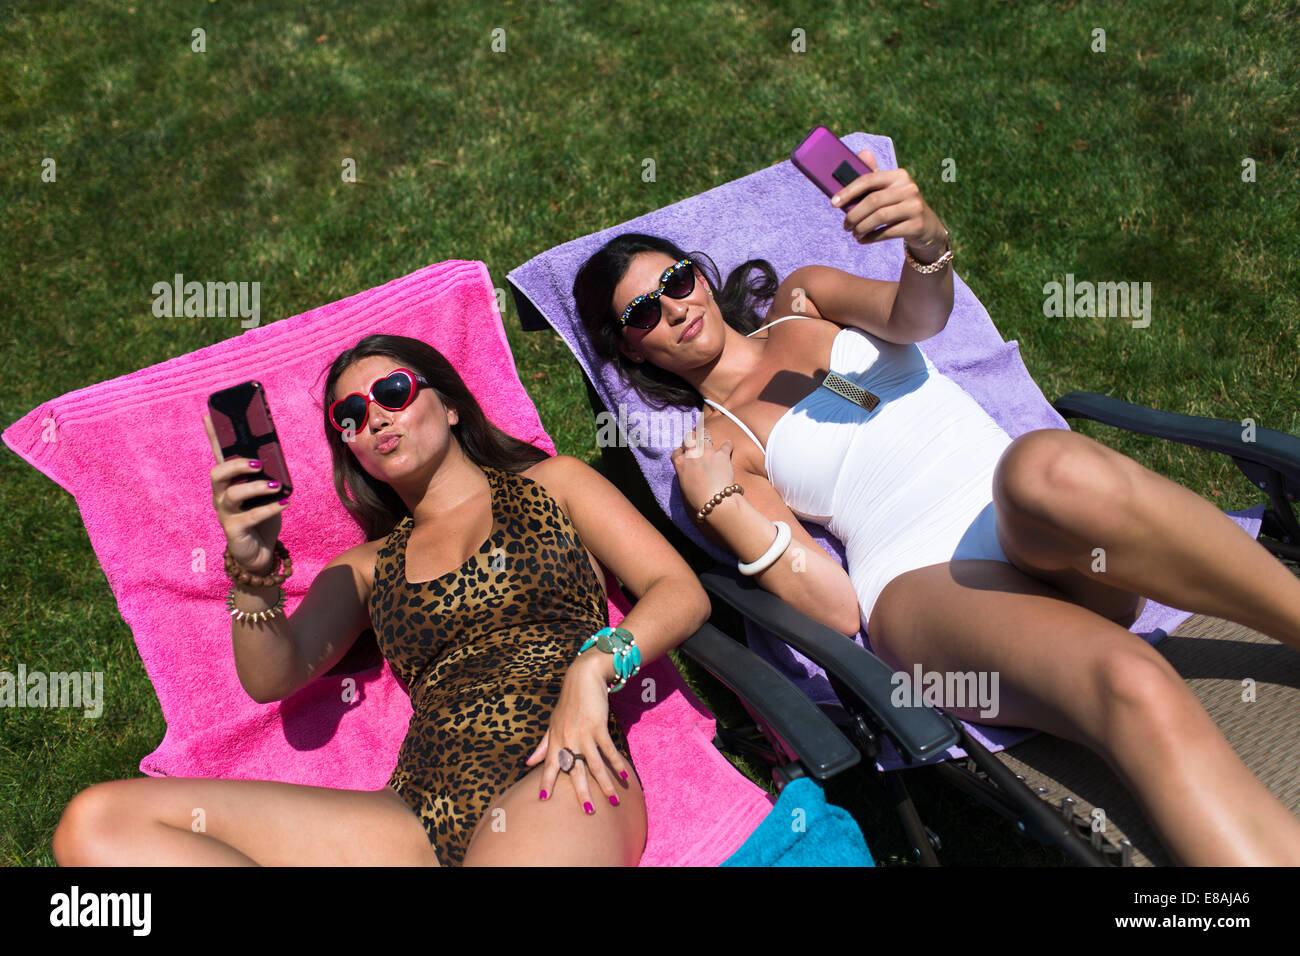 Zwei Schwestern, die unter Selfies, während auf Liegestühlen im Garten zum Sonnenbaden Stockbild